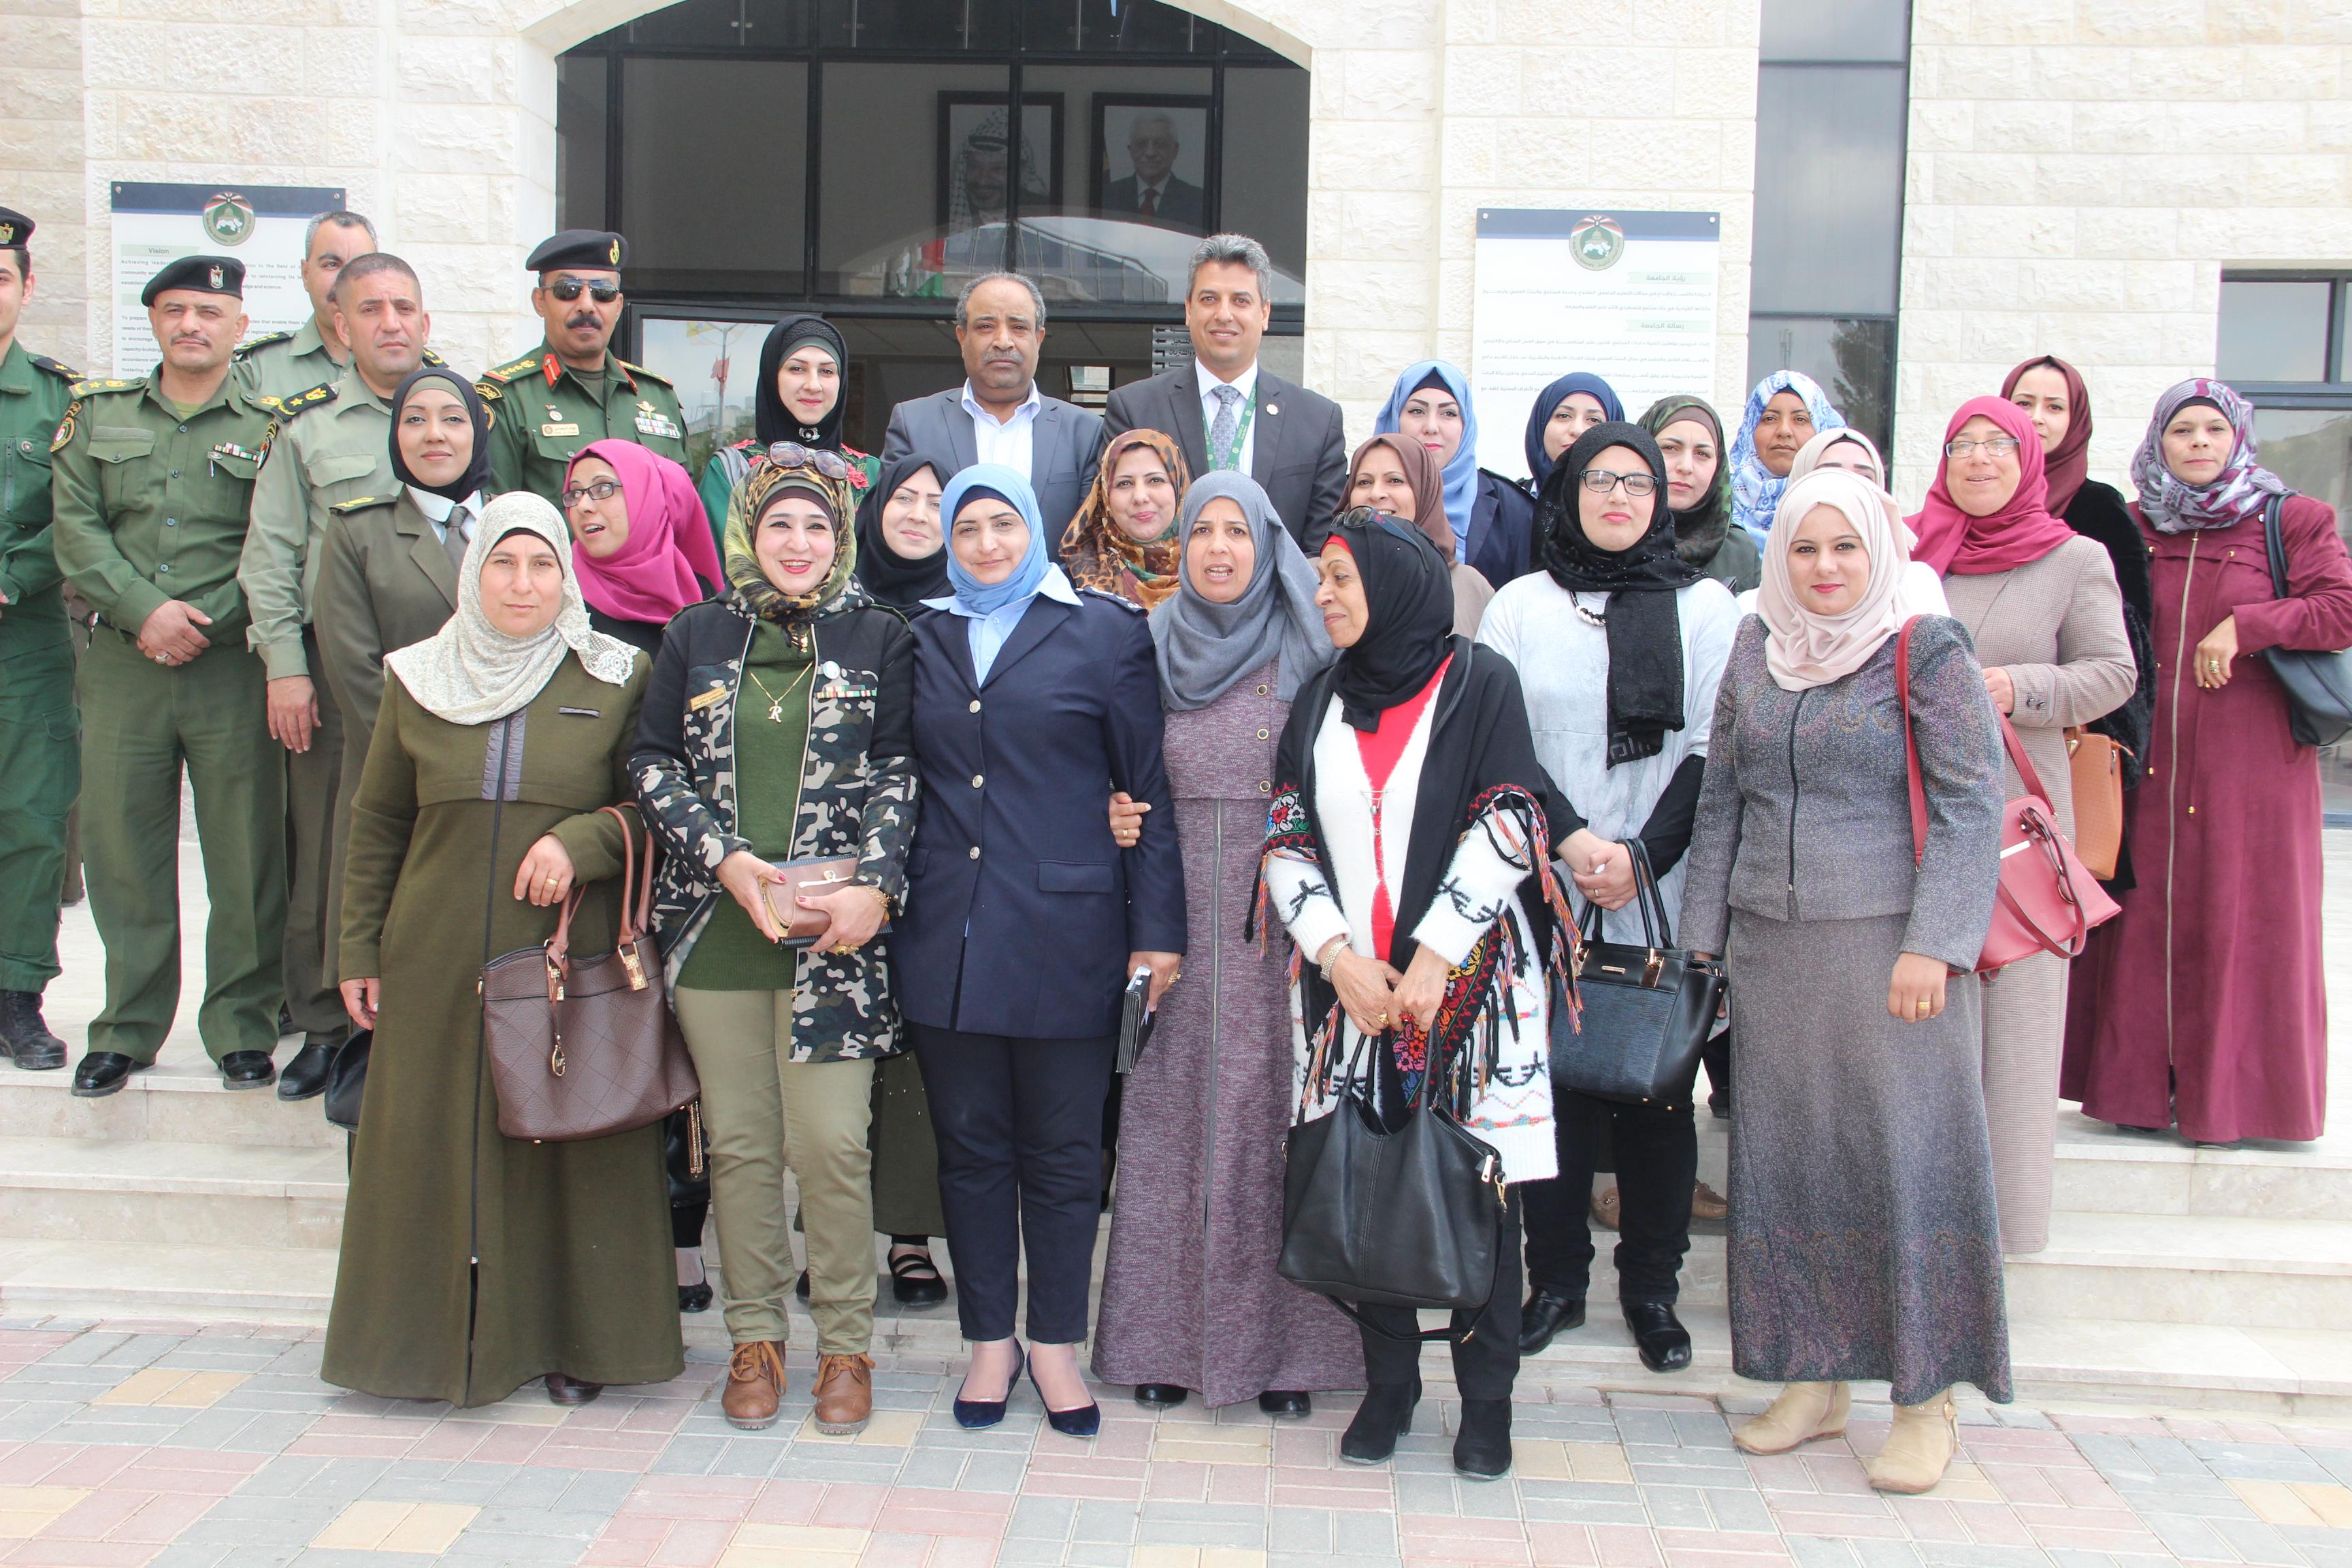 """""""بنك القدس"""" يشارك في تكريم المرأة العاملة في المؤسسة الأمنية في محافظة سلفيت...لمناسبة يوم المرأة العالمي"""